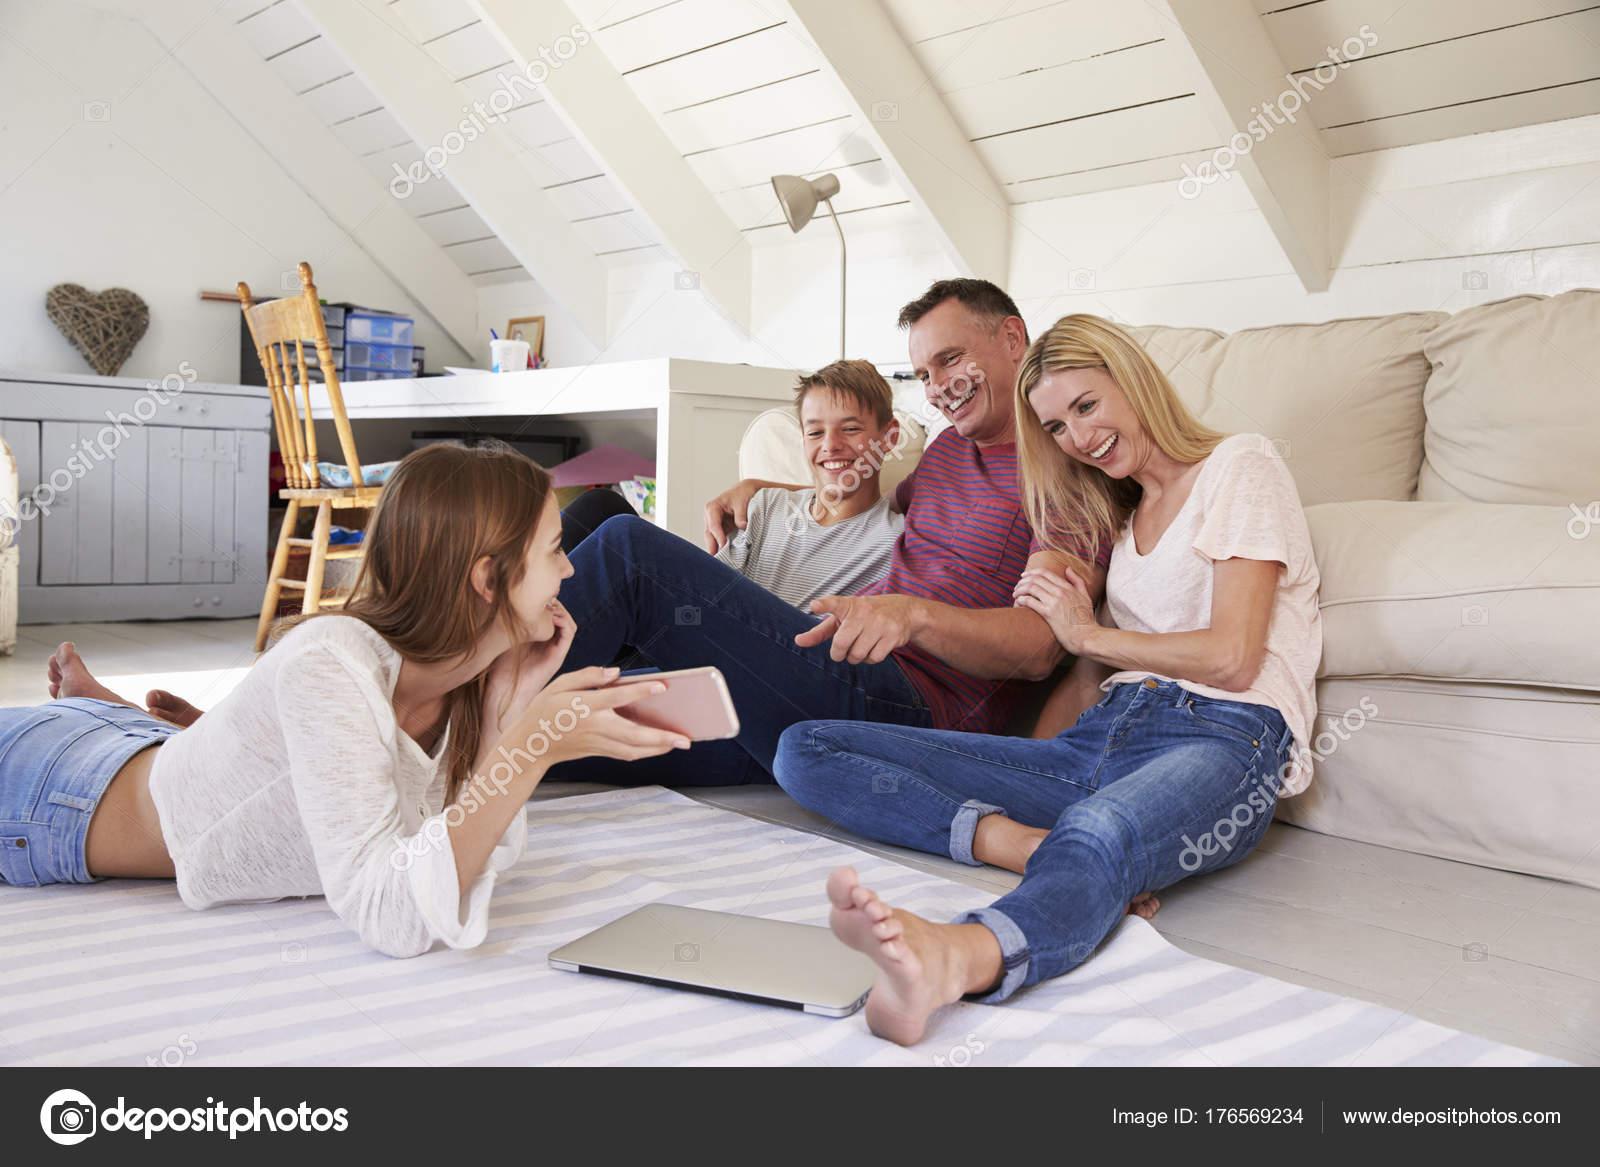 Usando A Tecnologia Em Casa De Família U2014 Fotografia De Stock